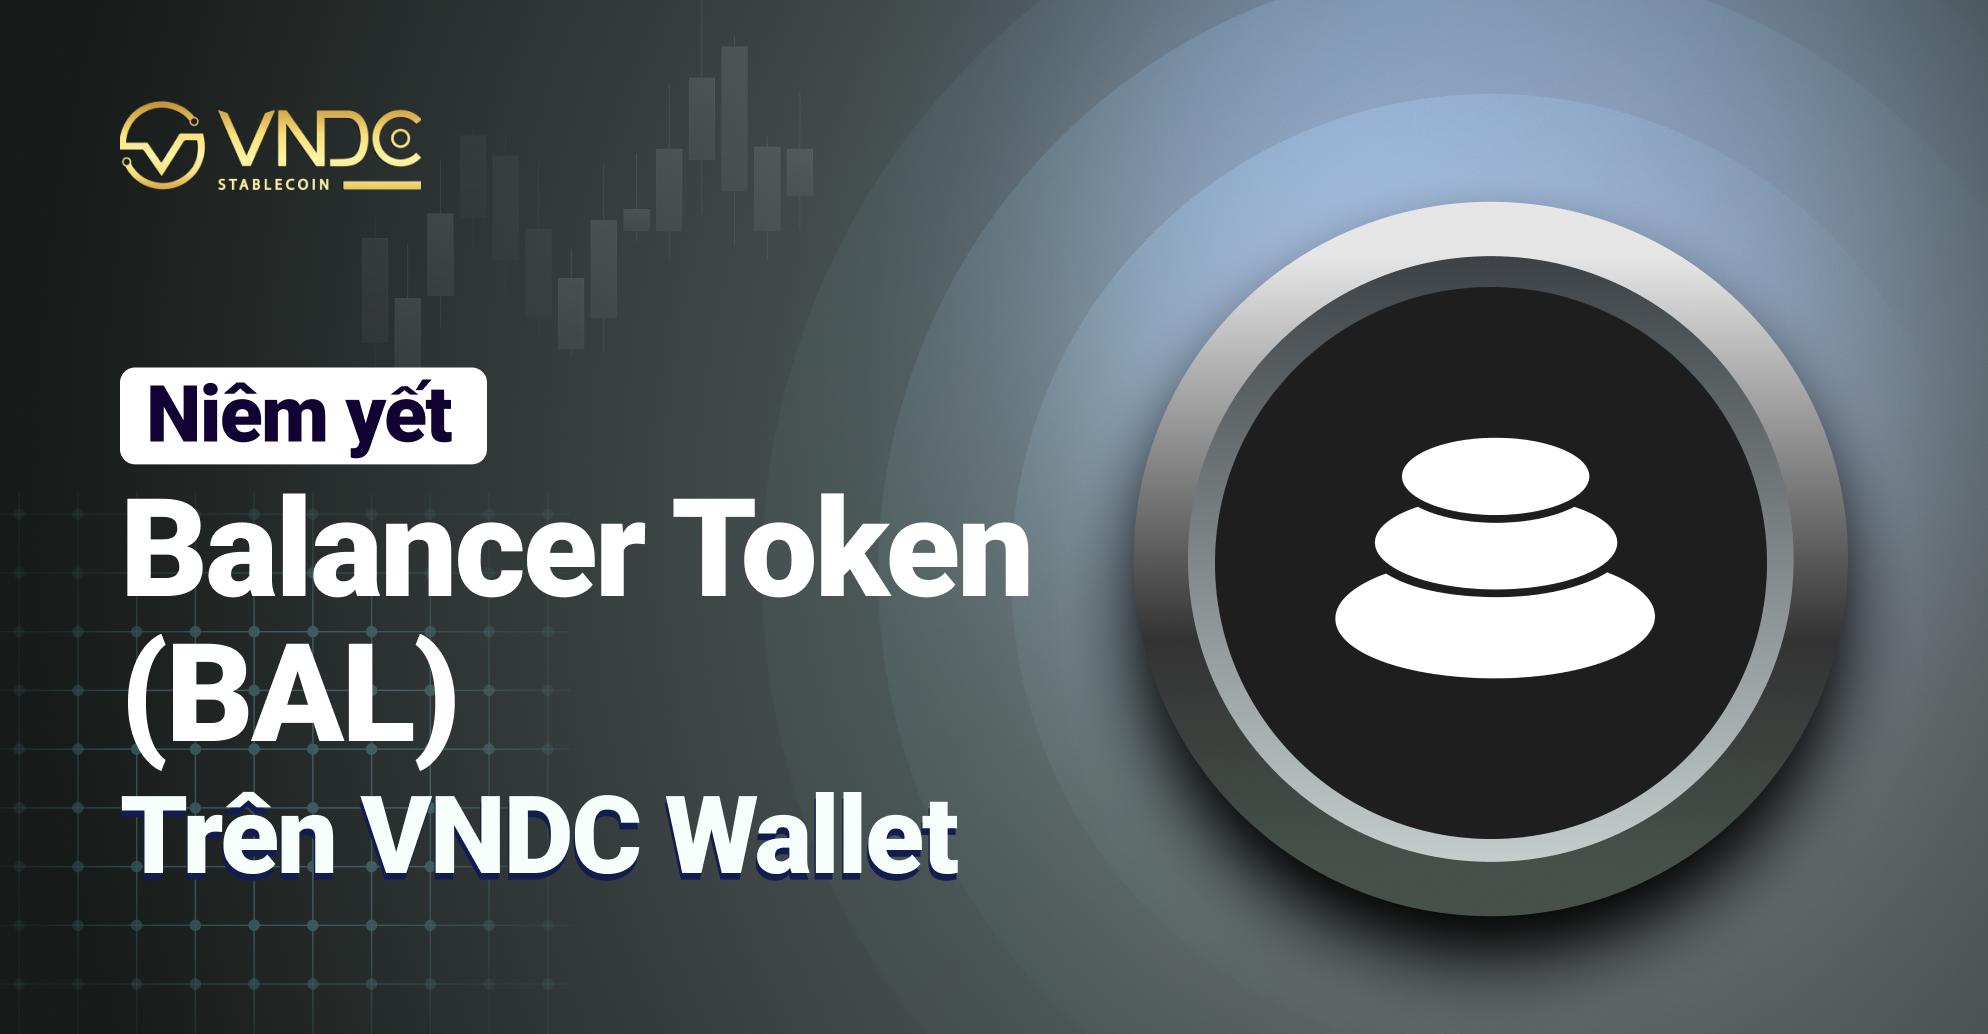 Niêm yết Balancer Token (BAL) trên VNDC Wallet